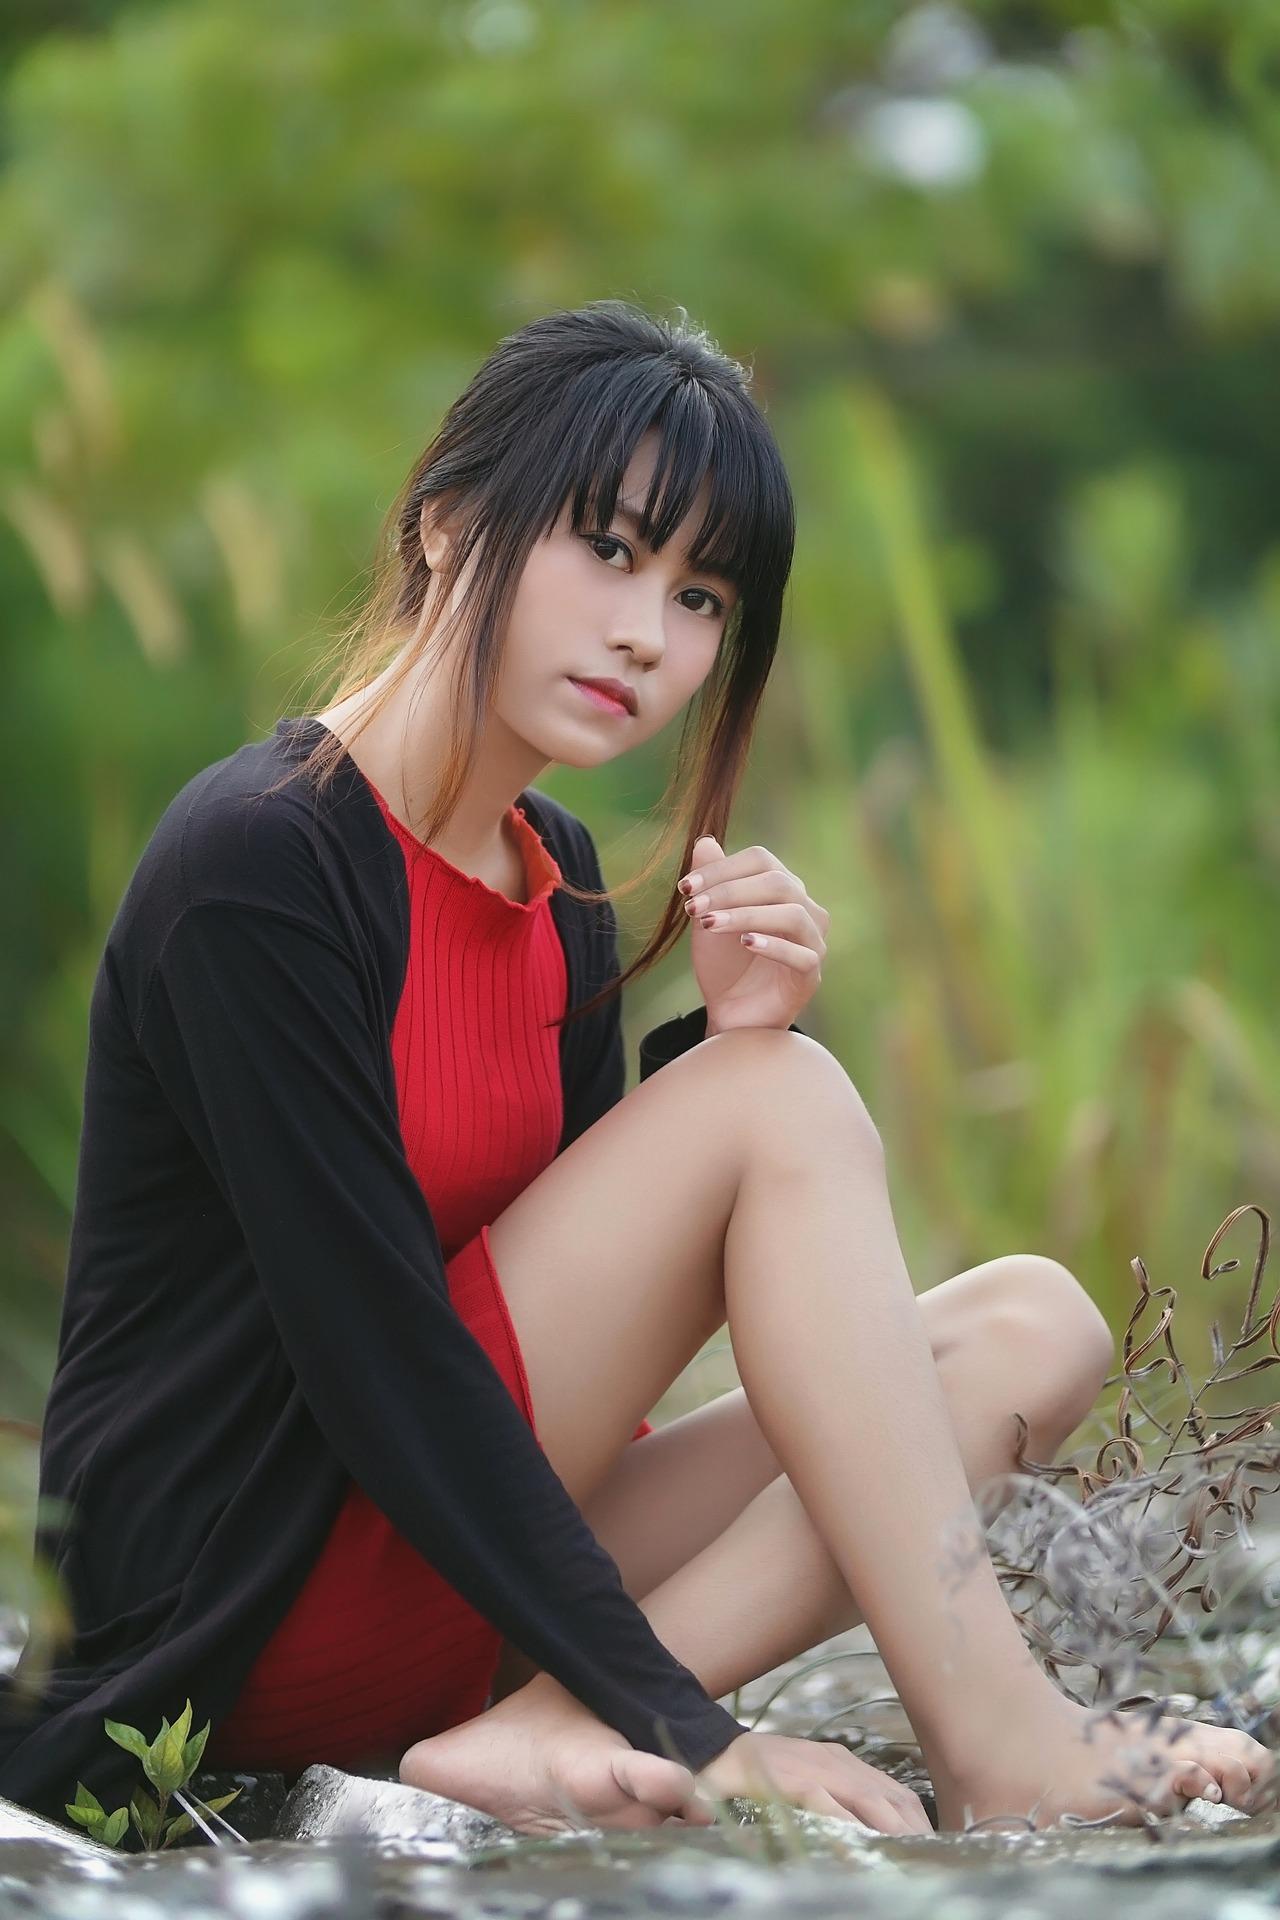 『交際クラブ ブリッジ名古屋』に登録している女性のイメージ